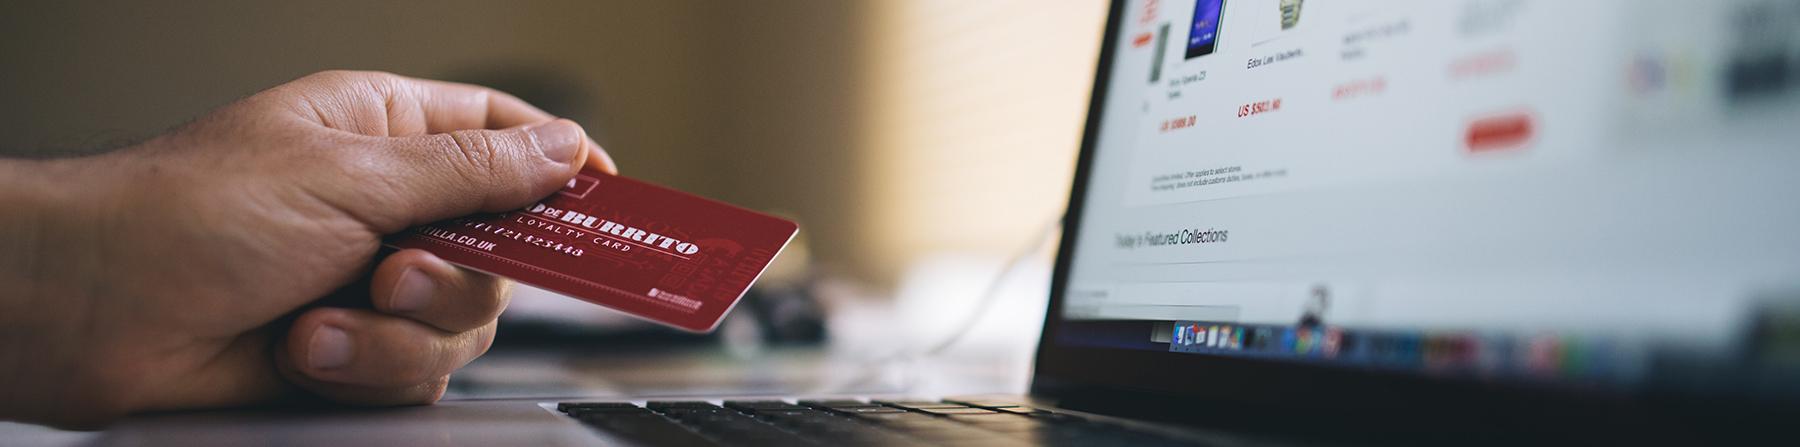 Carte de credit VS pret a temperament: avantages et inconvénients